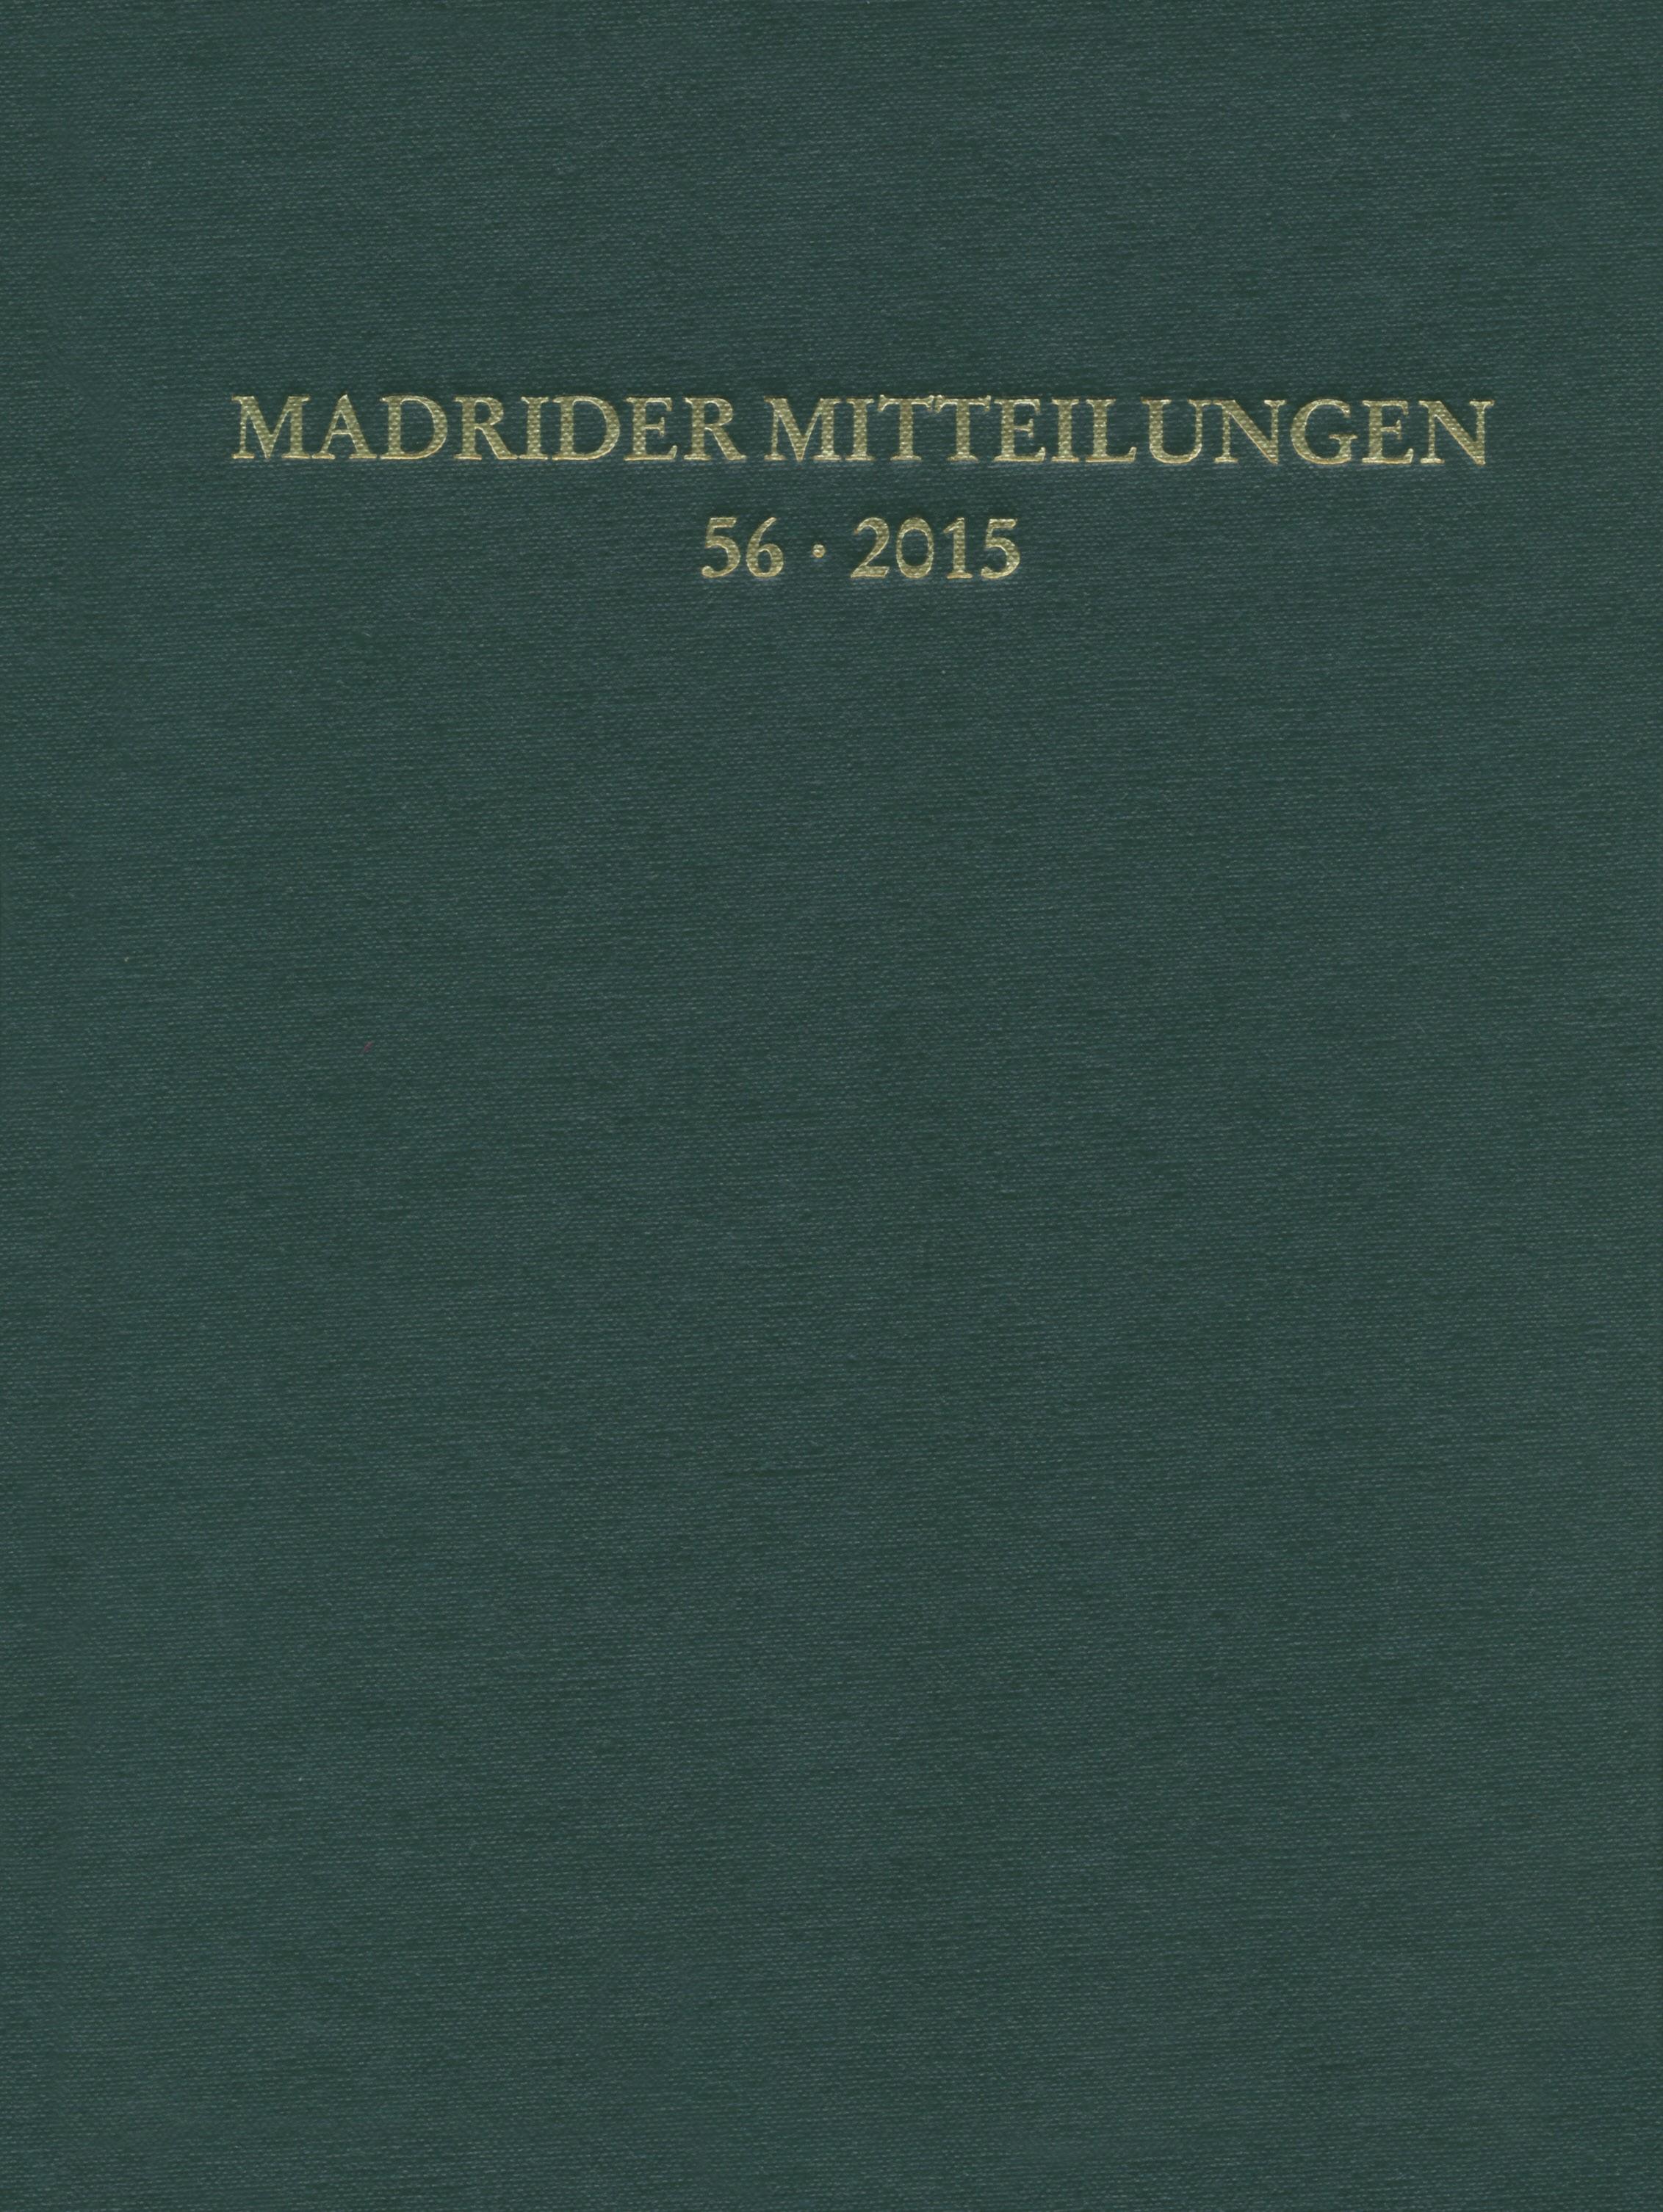 Madrider Mitteilungen, 2016 | Buch (Cover)